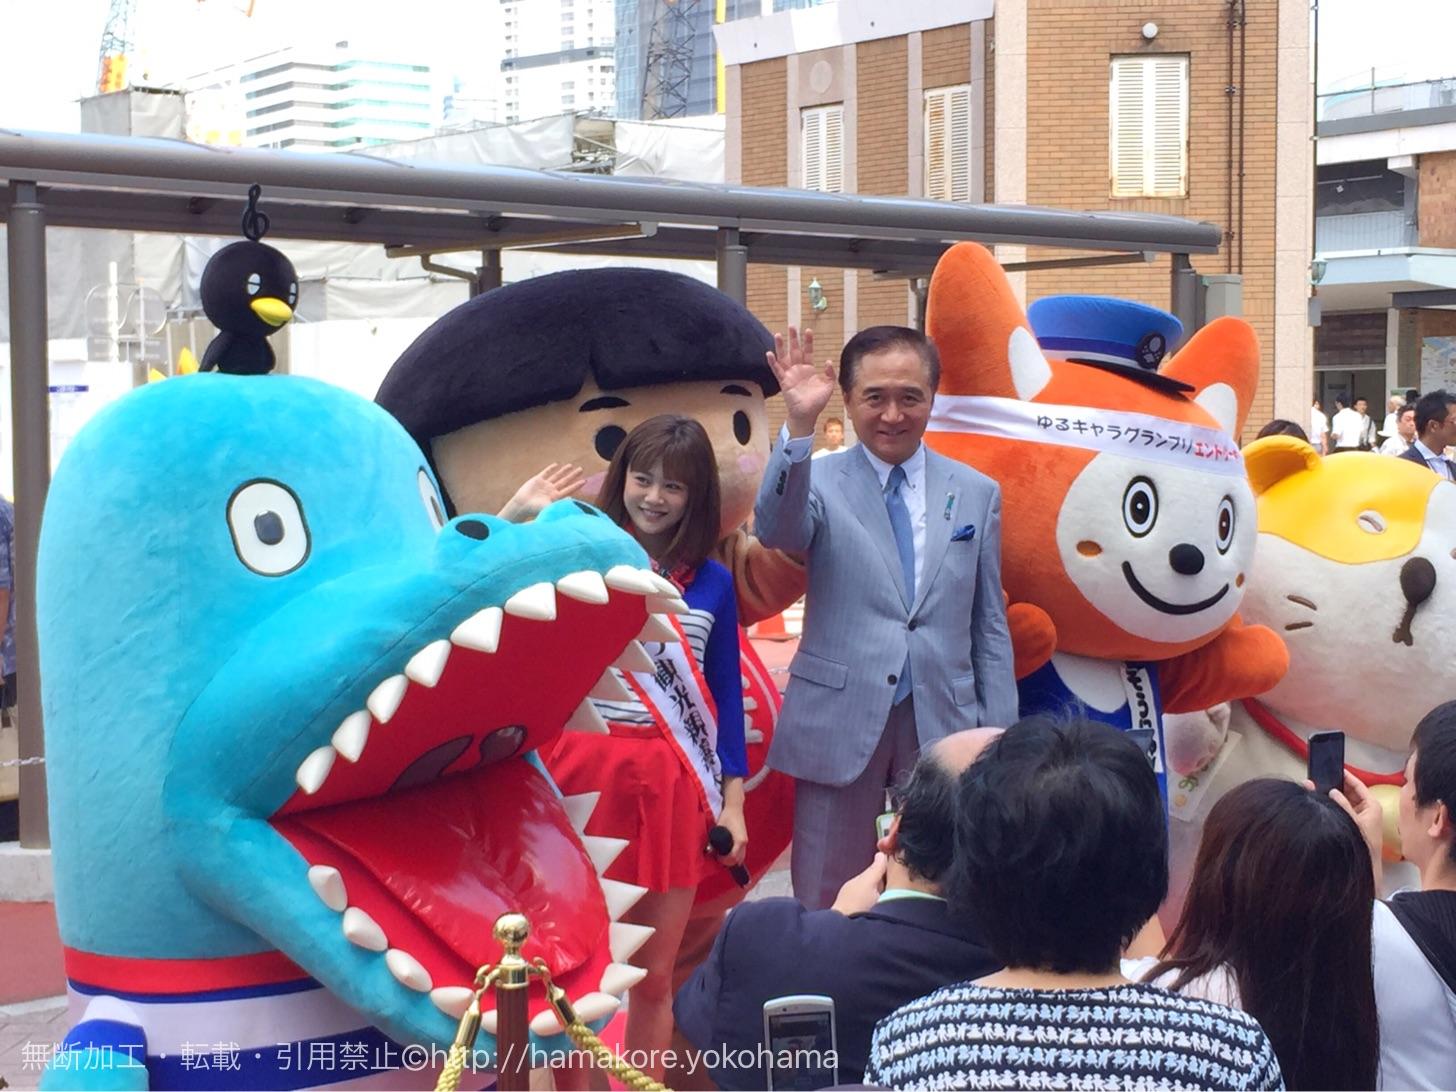 新垣里沙さんと黒岩県知事